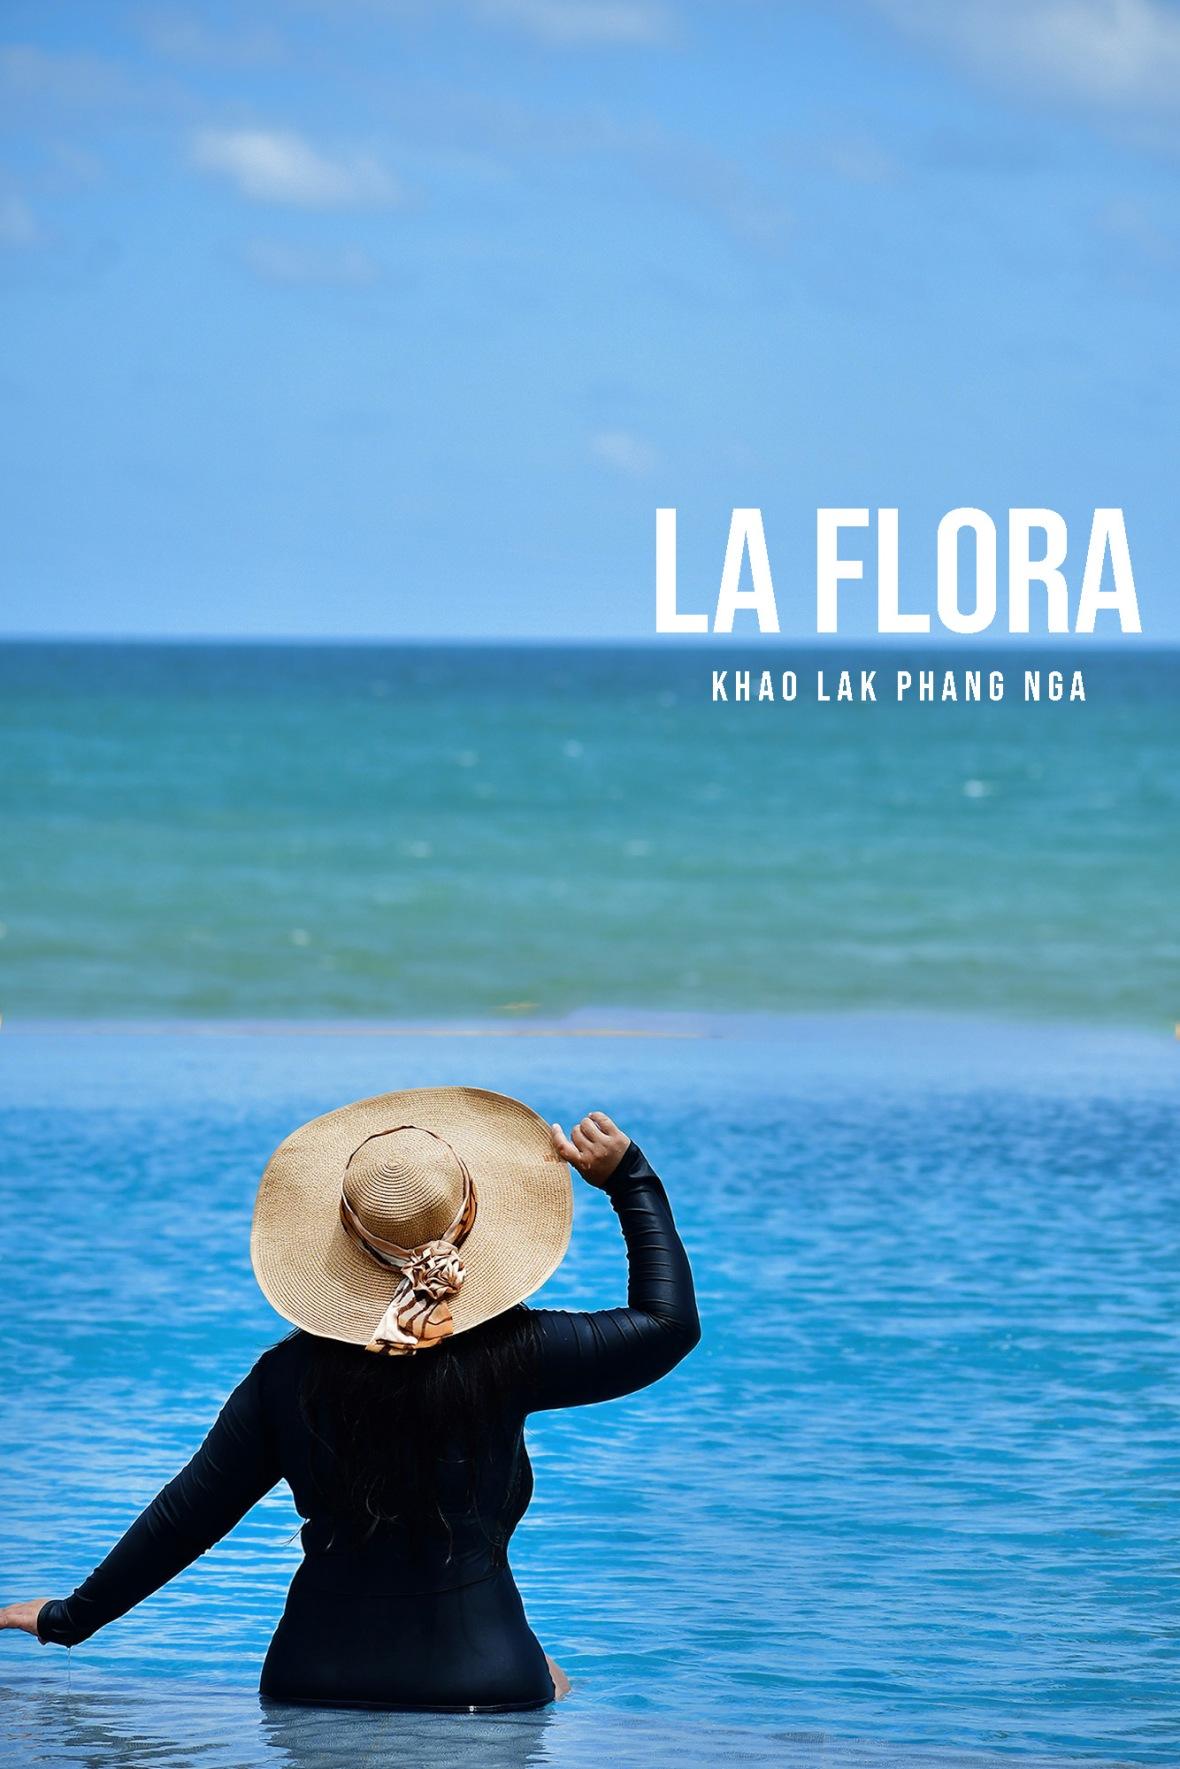 La Flora Khaolak (1)